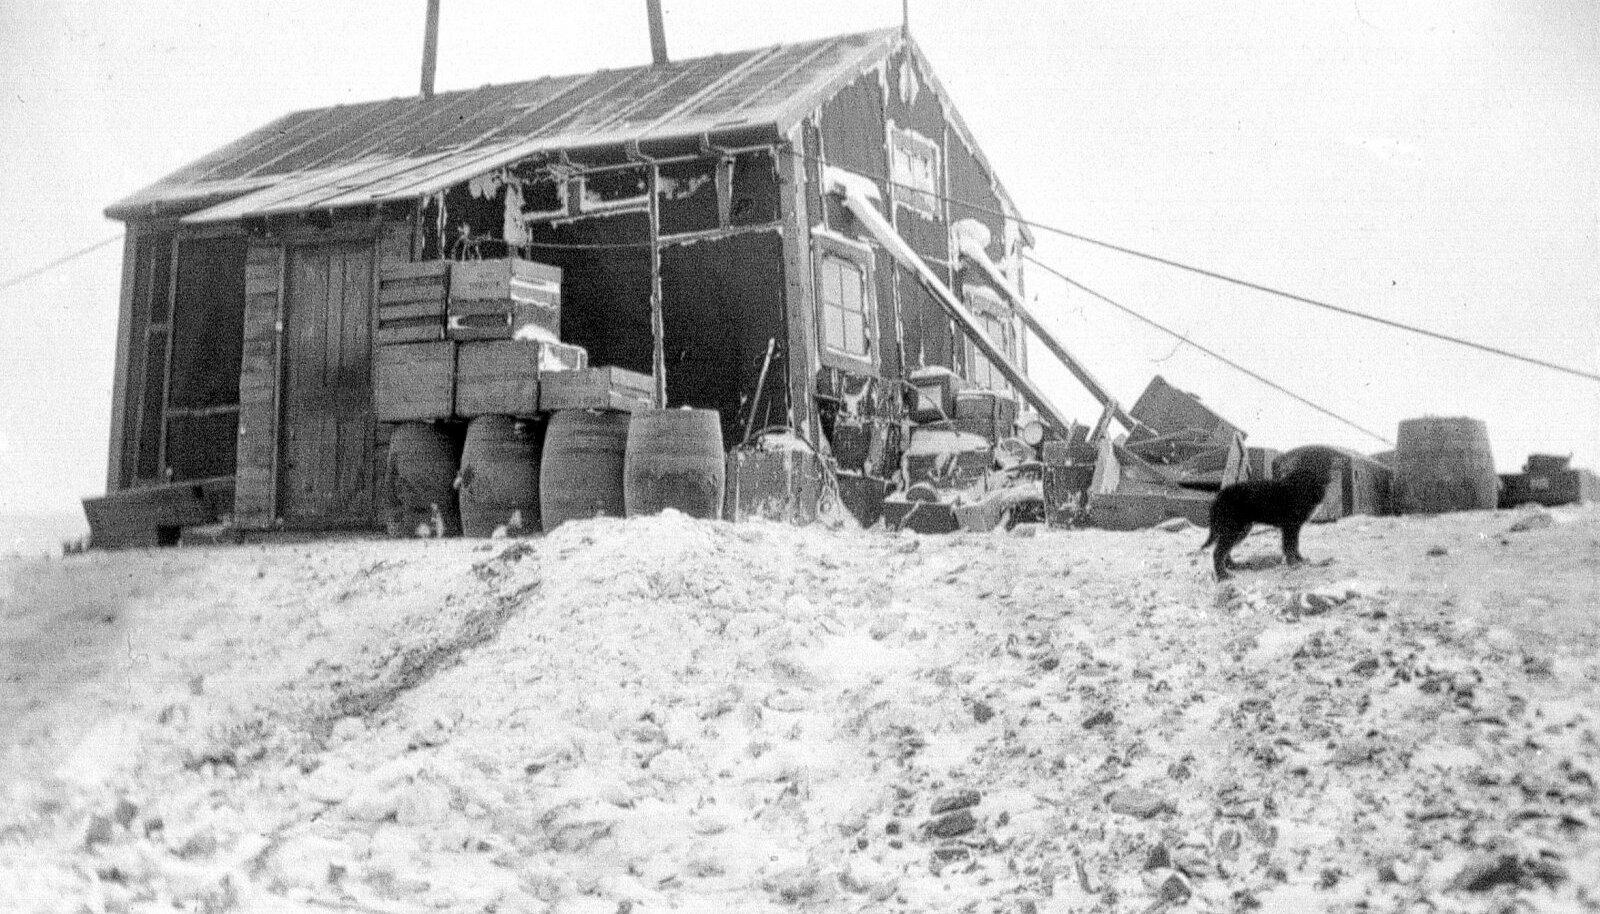 Rootslaste uurimisjaam esimese ekspeditsiooni ajal 1901. aastal. Tünnid ja kastid varjavad maja tugeva tuule eest.